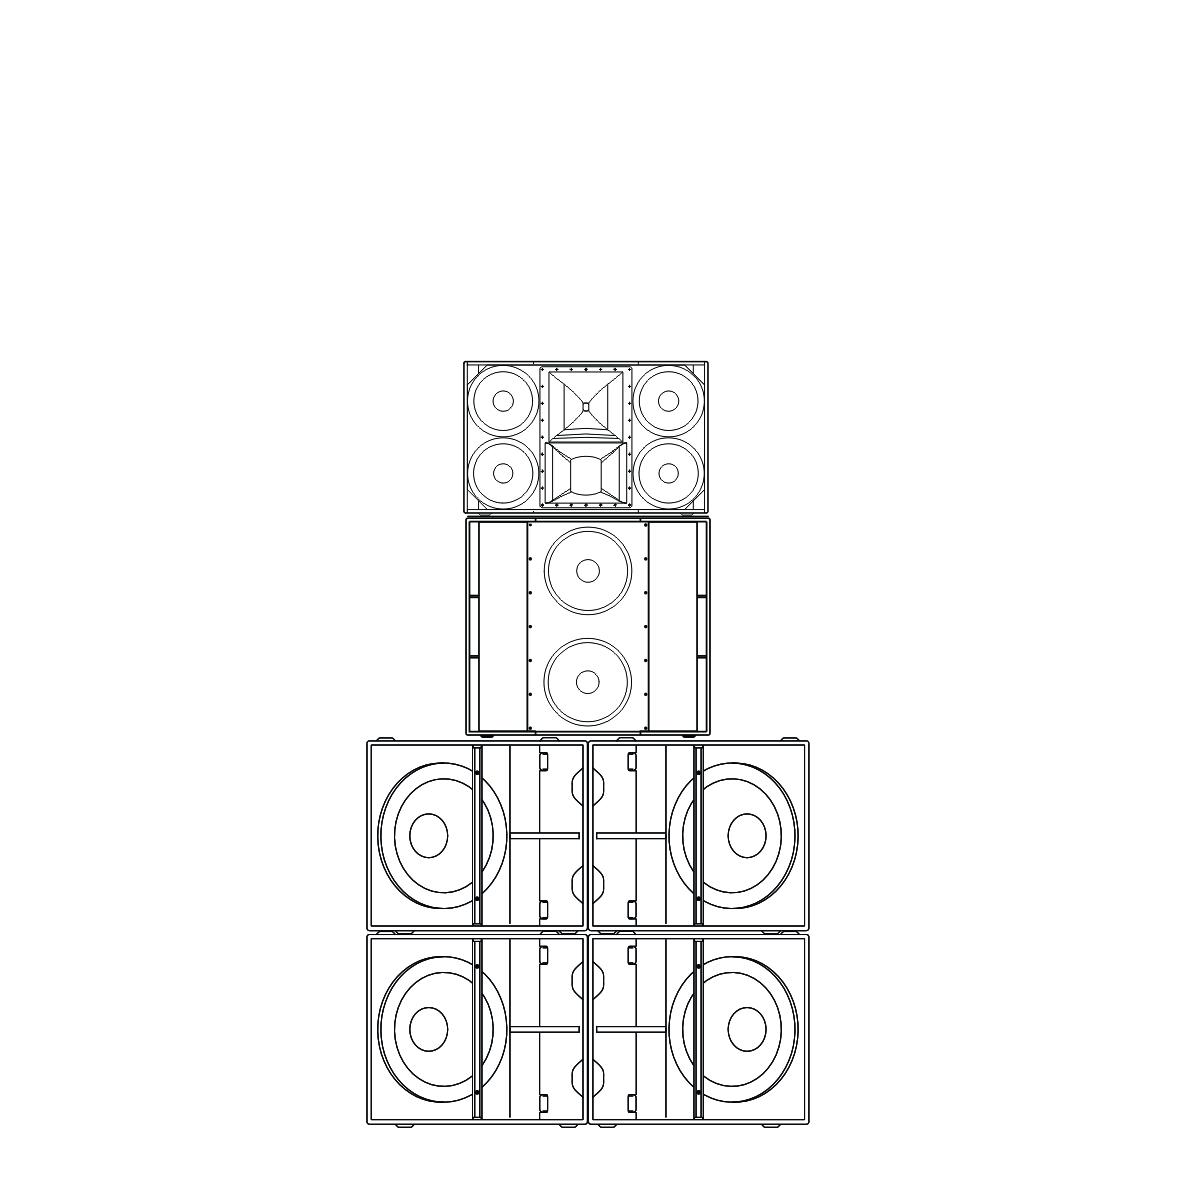 SL412系列 中型点声源五分频点阵系统